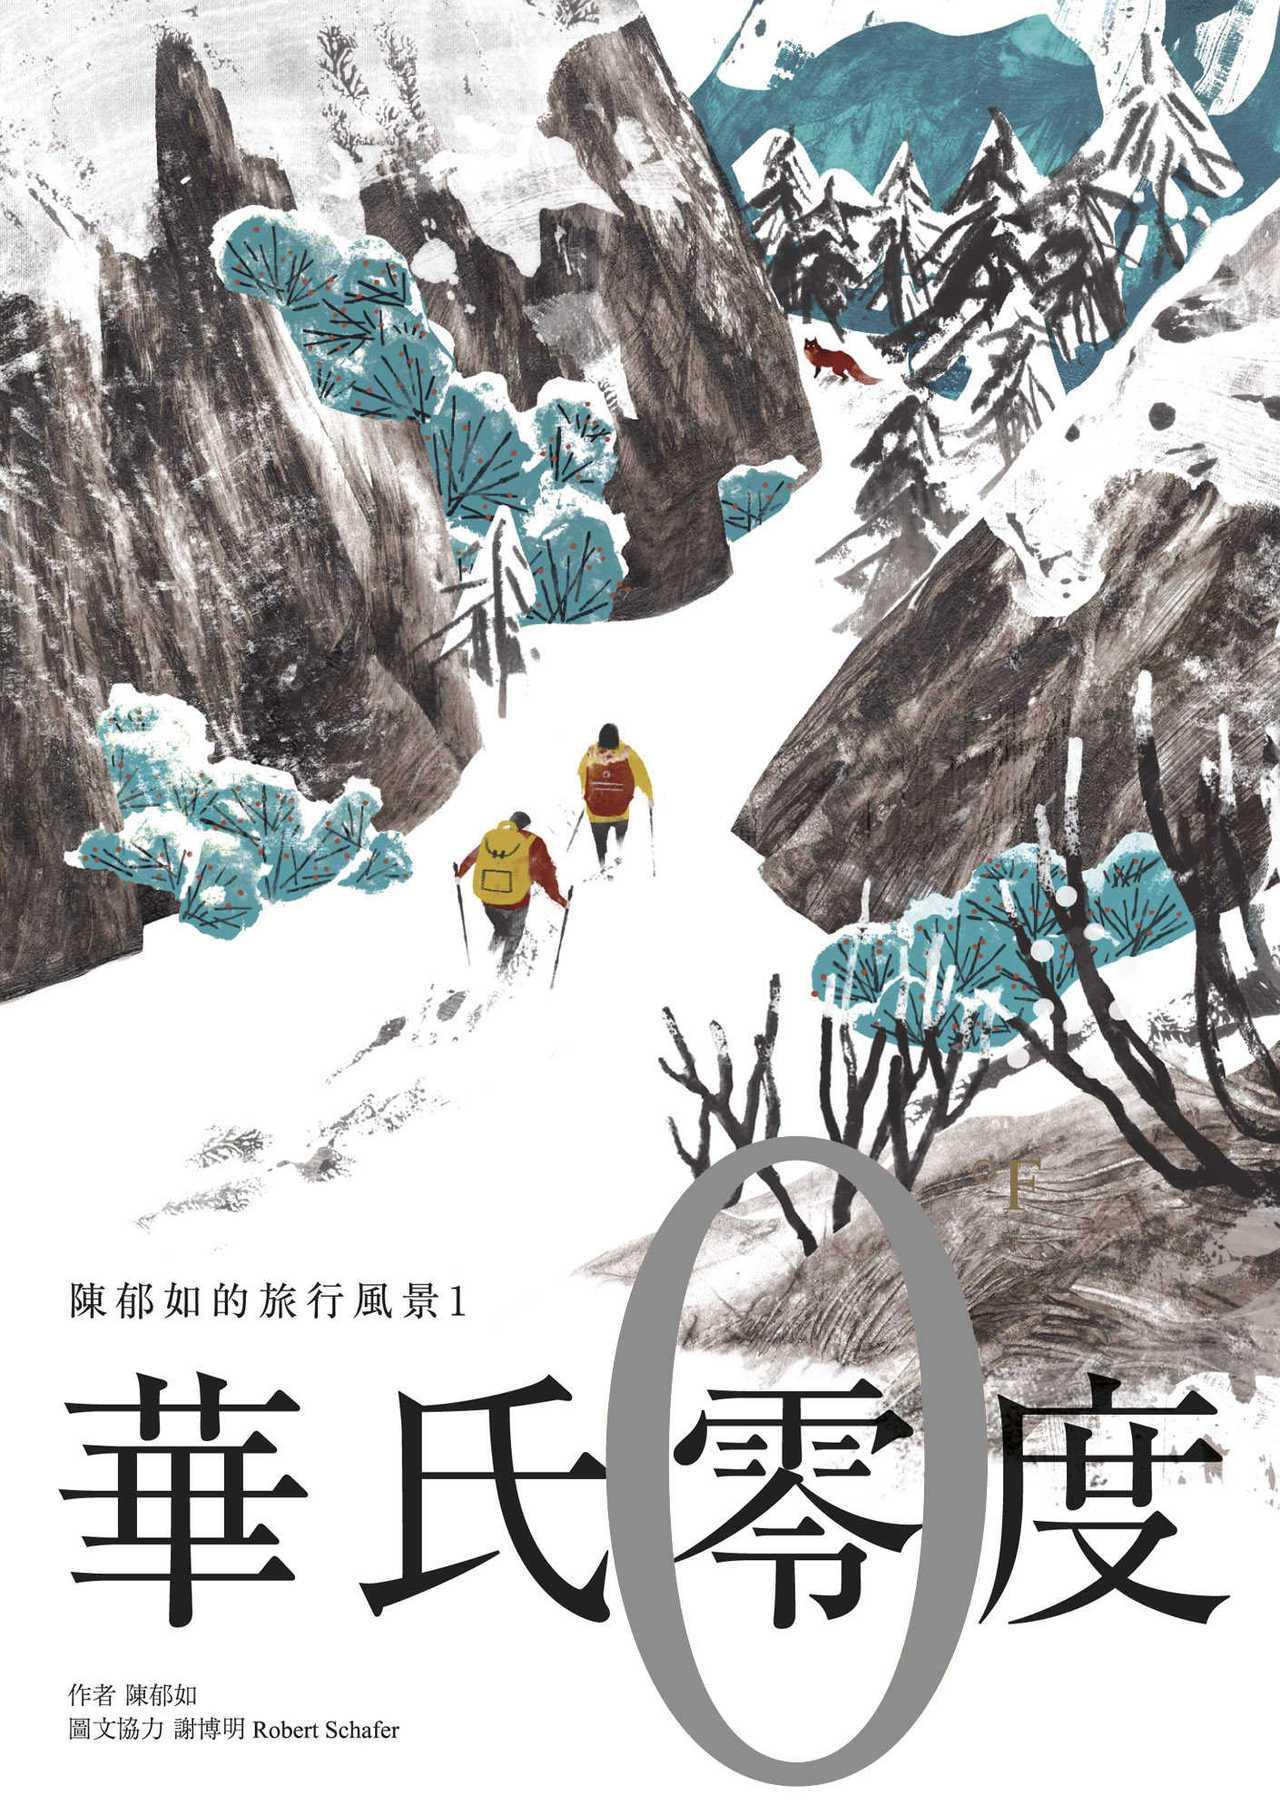 圖/摘取自親子天下出版《華氏零度》一書